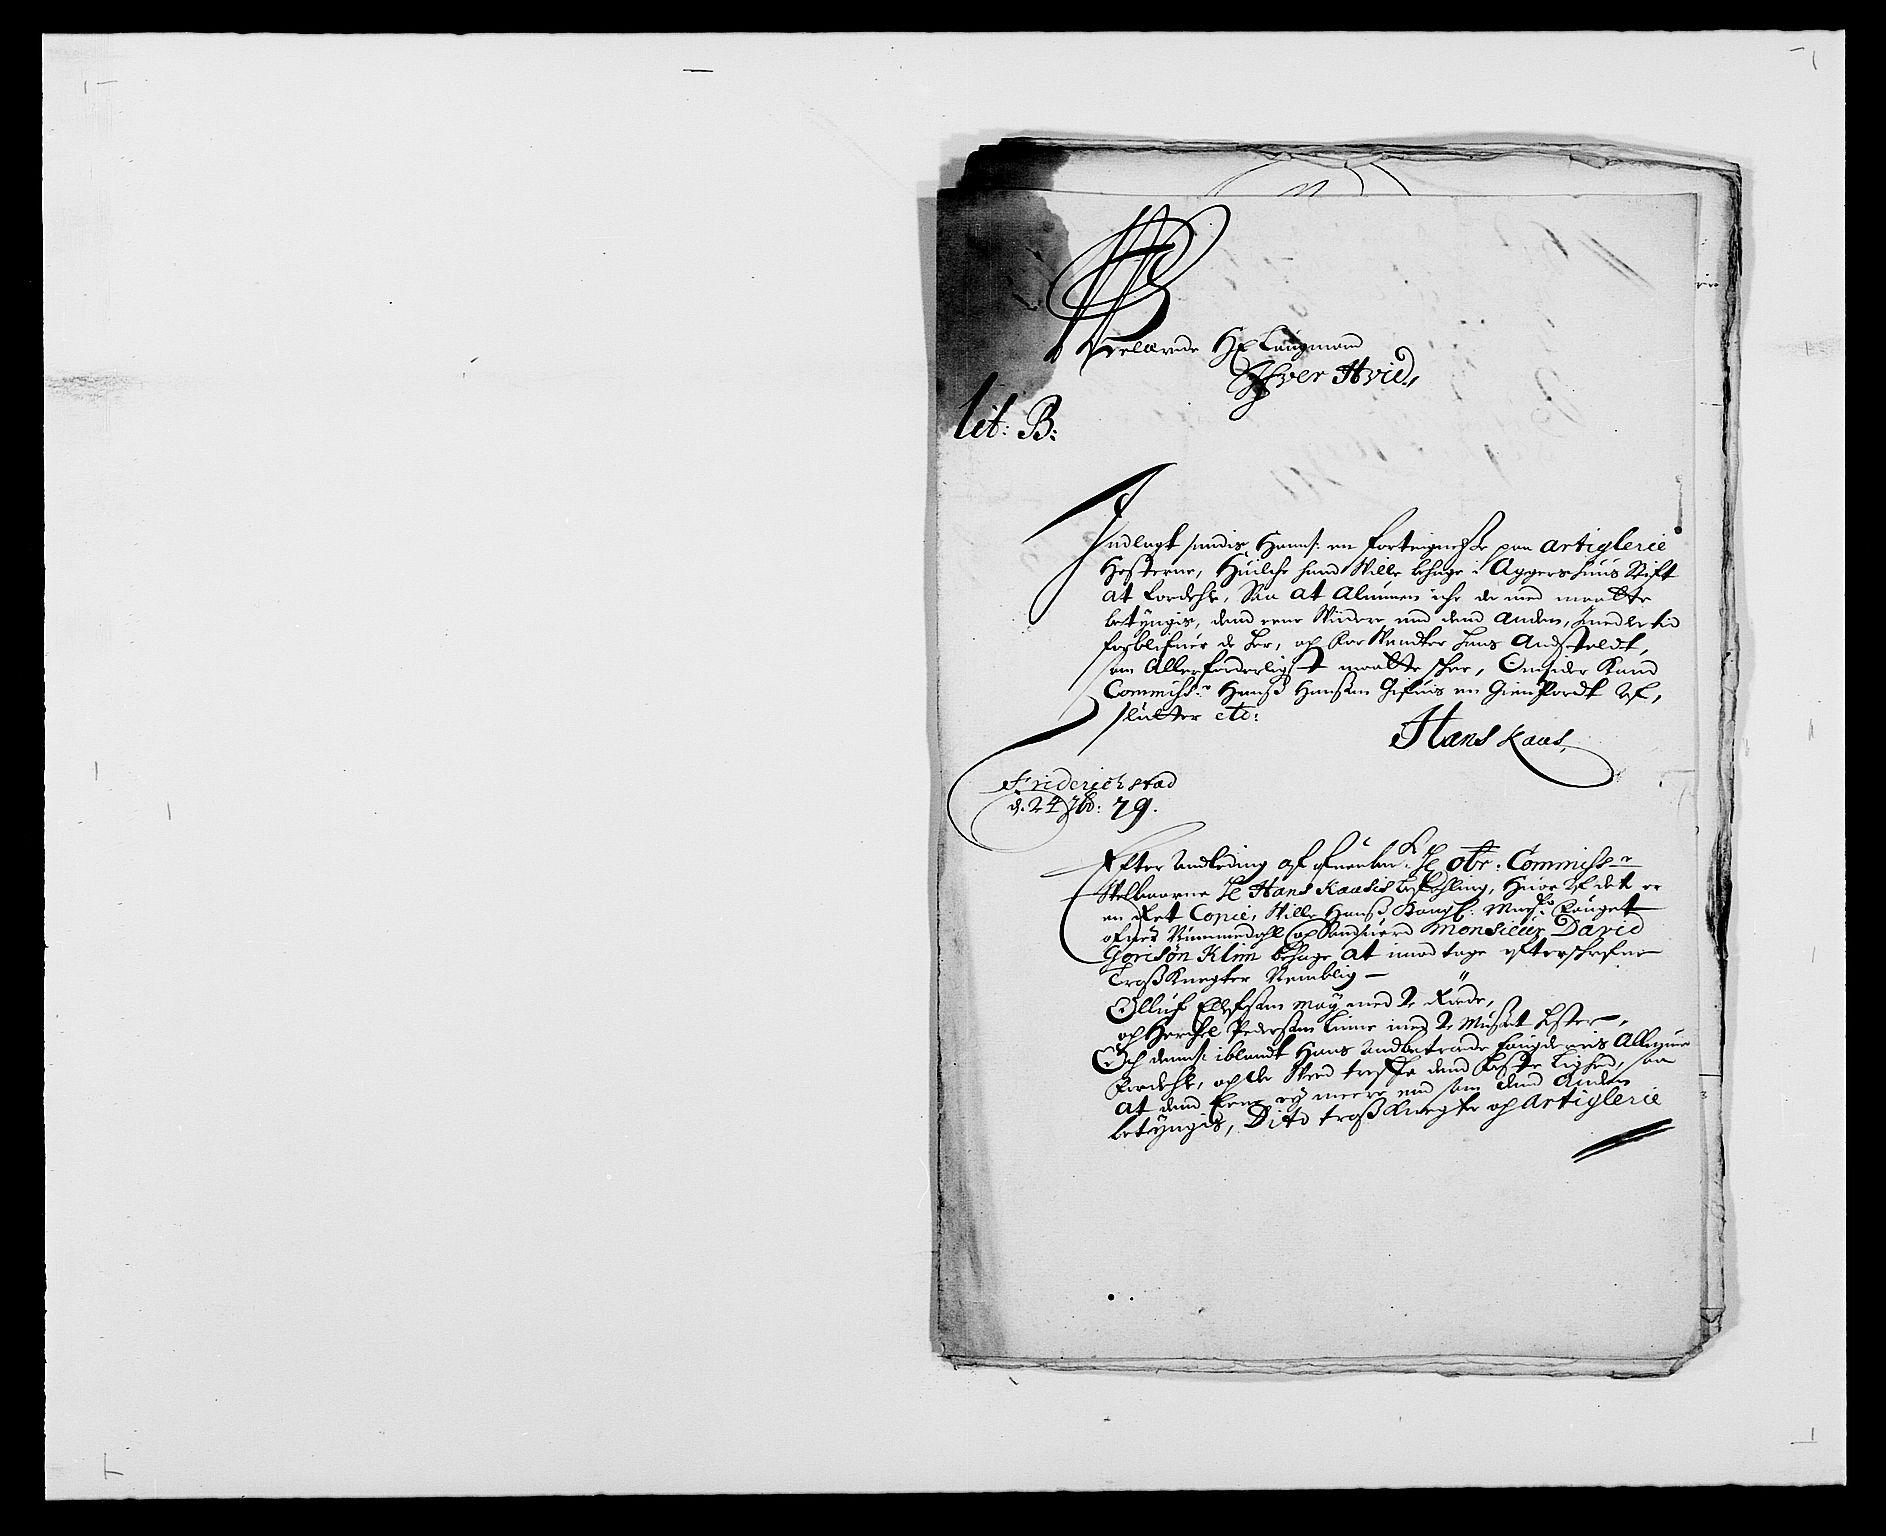 RA, Rentekammeret inntil 1814, Reviderte regnskaper, Fogderegnskap, R24/L1569: Fogderegnskap Numedal og Sandsvær, 1679-1686, s. 157